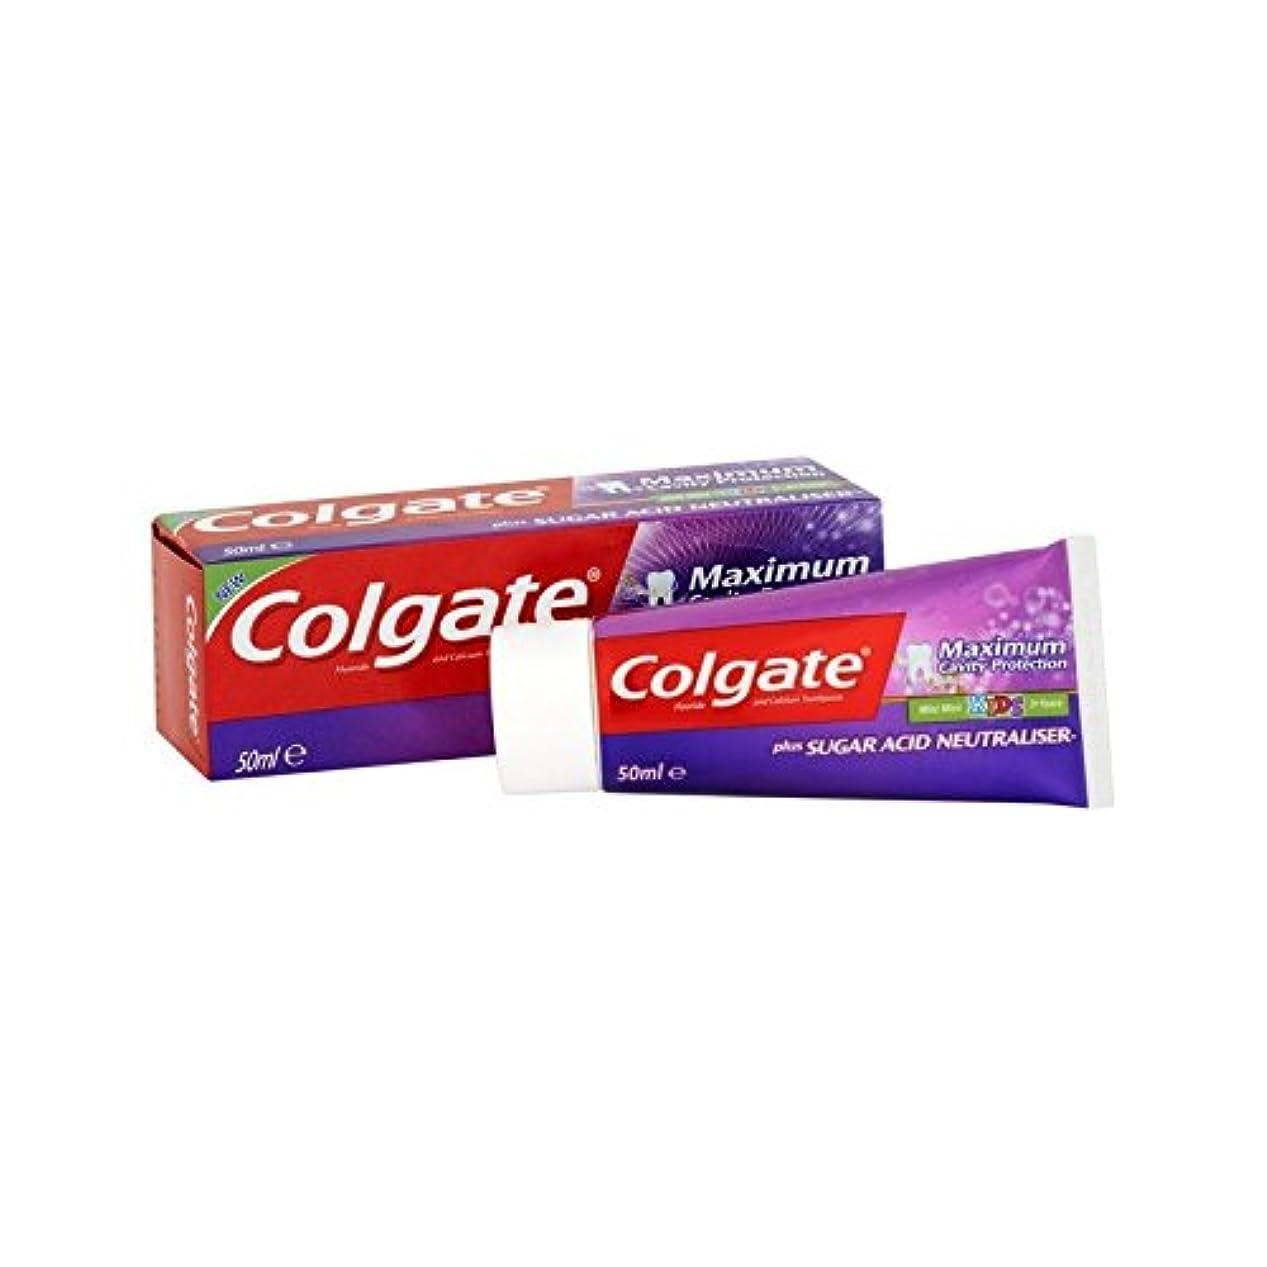 ピストン蒸発レンズ最大空洞の子供の50ミリリットルを保護 (Colgate) - Colgate Maximum Cavity Protect Kids 50ml [並行輸入品]